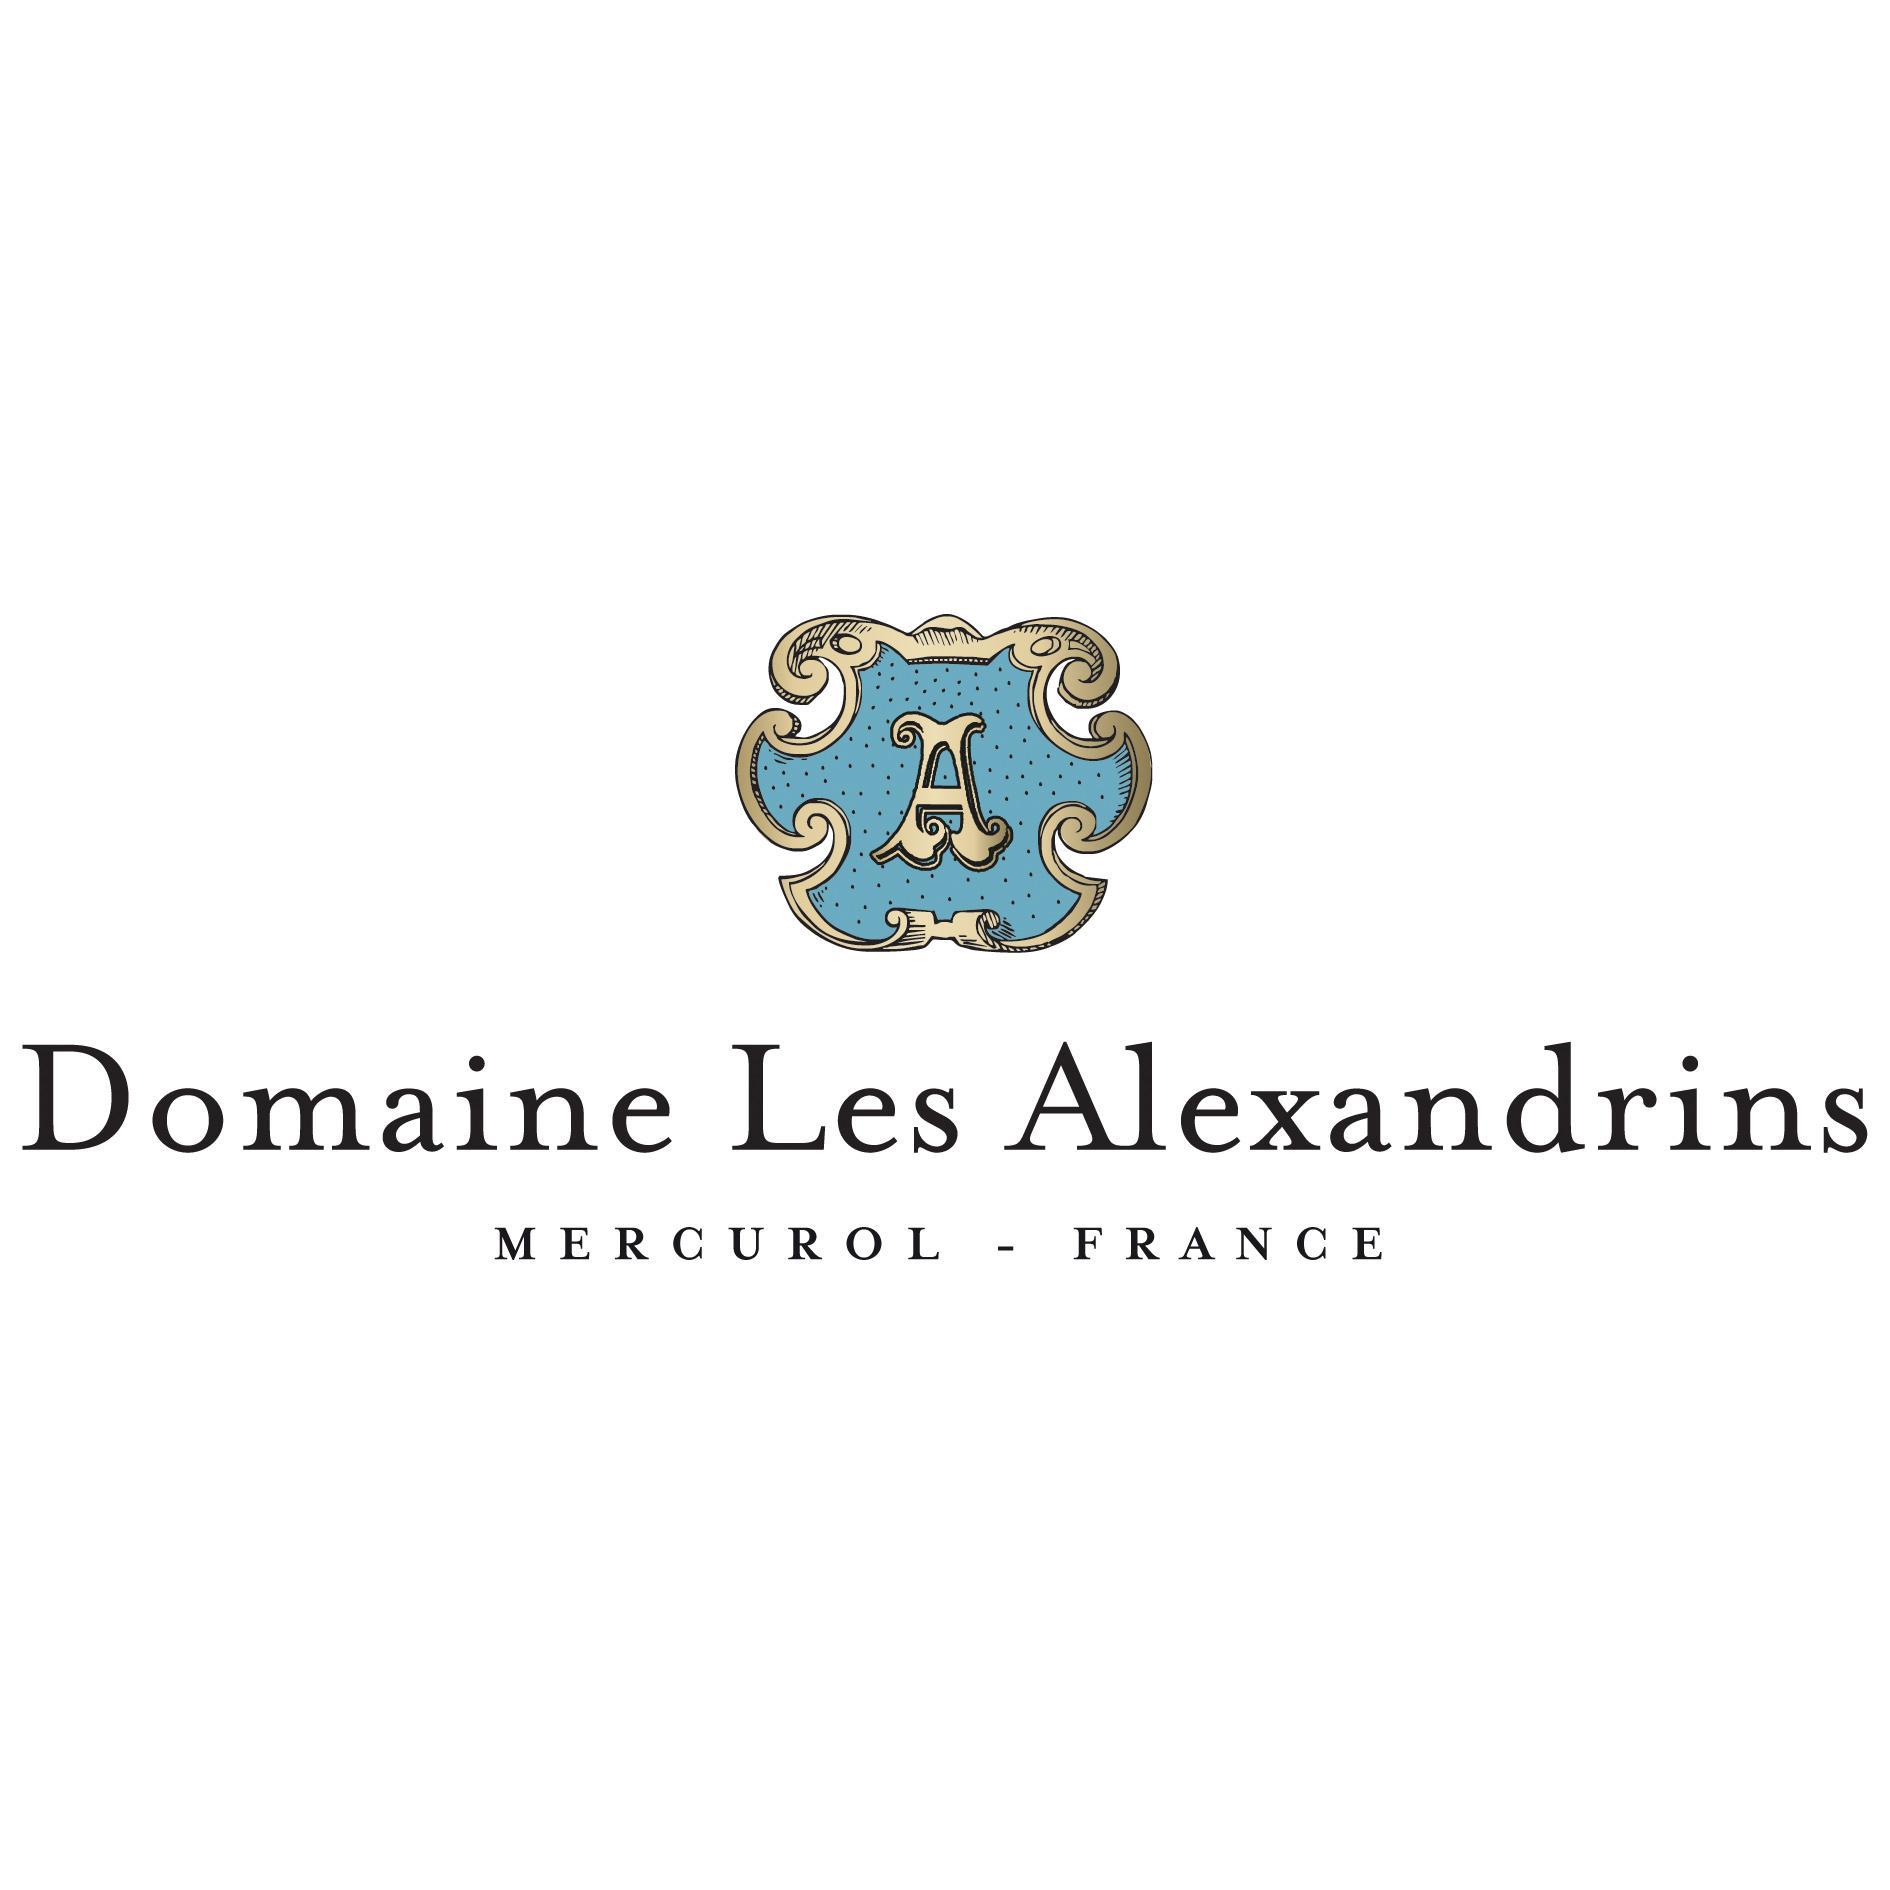 Domaine Les Alexandrins